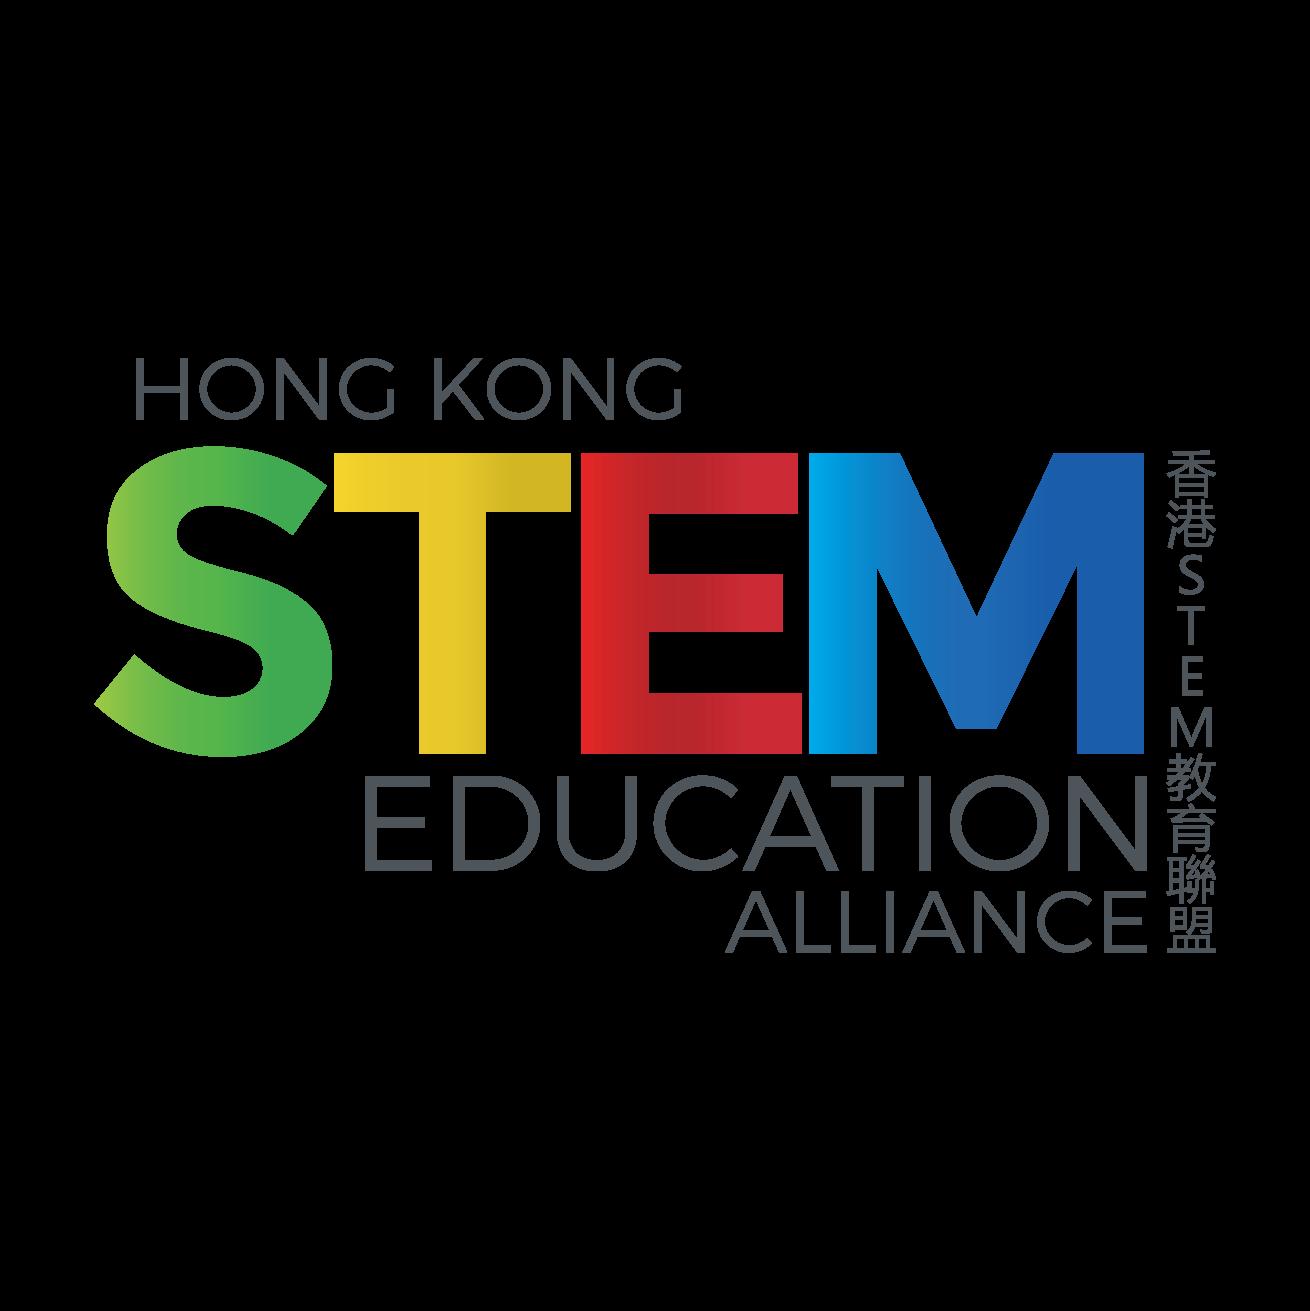 香港STEM教育聯盟 Hong Kong STEM Education Alliance